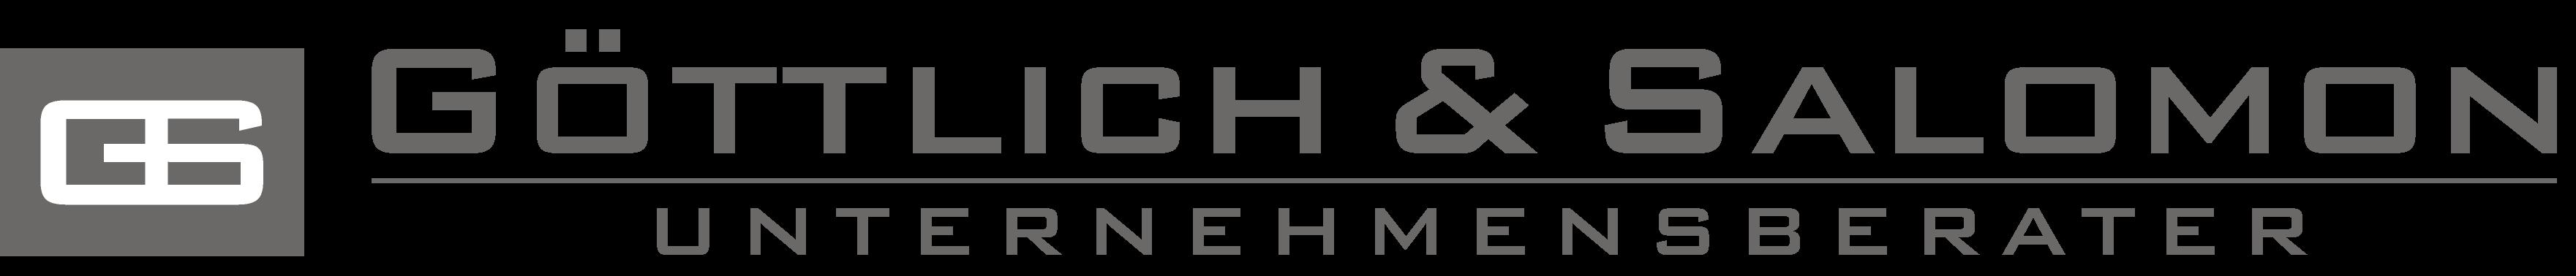 Göttlich & Salomon Unternehmensberatung